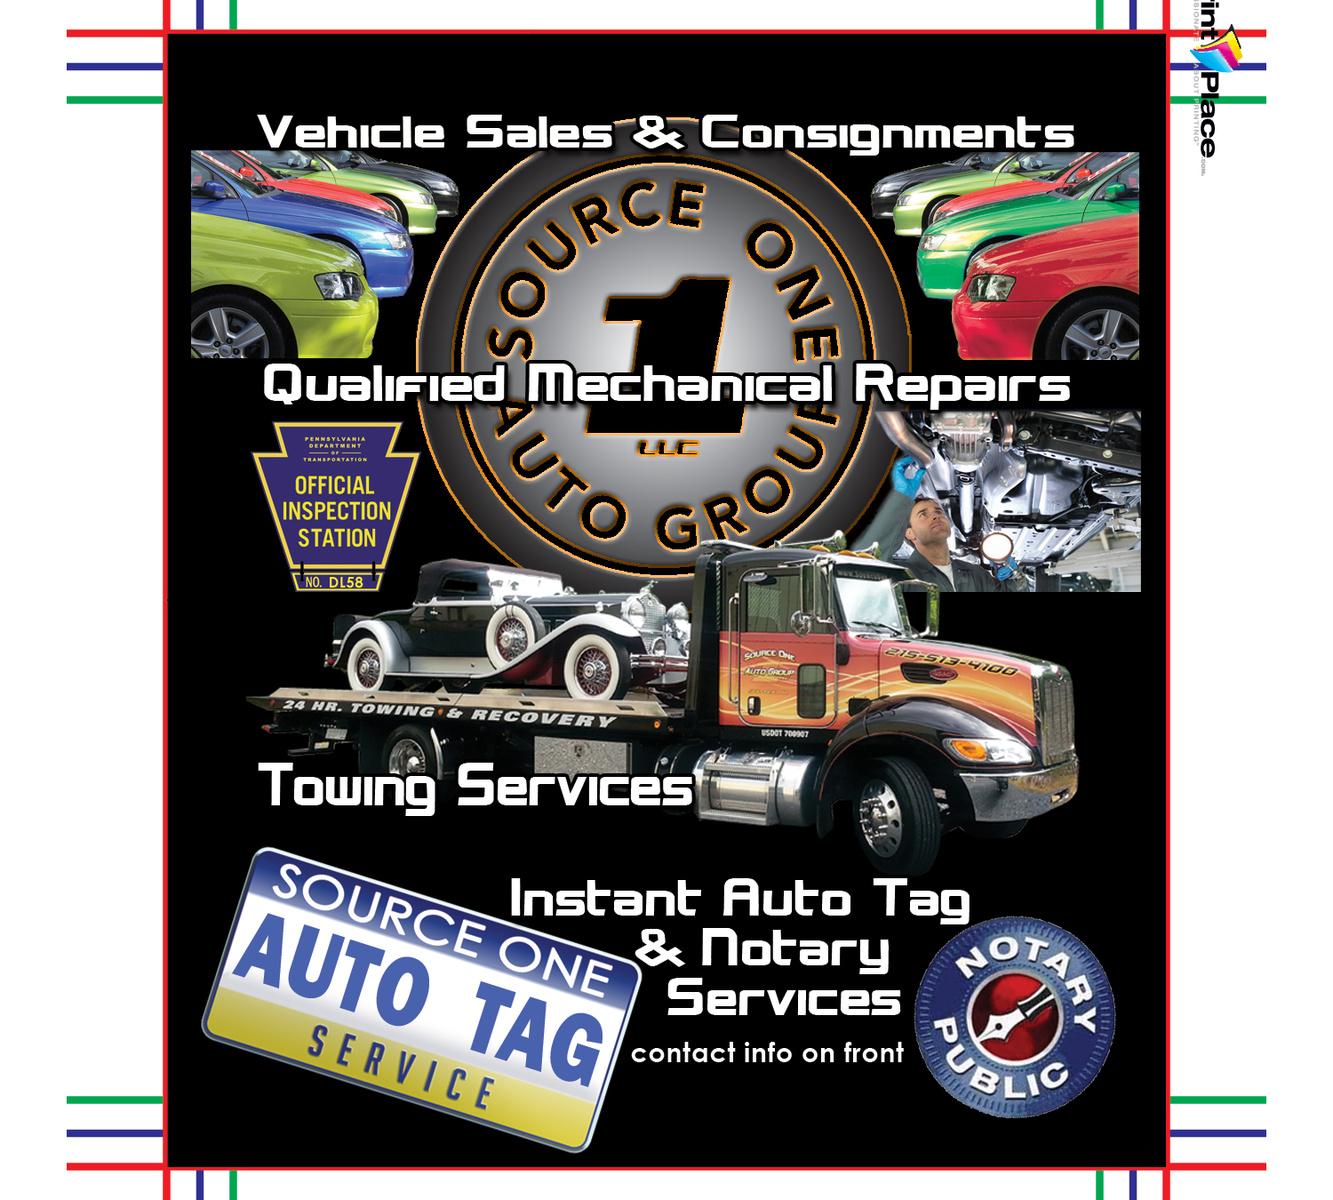 Marietta Ga Read Consumer Reviews: Source One Auto Group, LLC